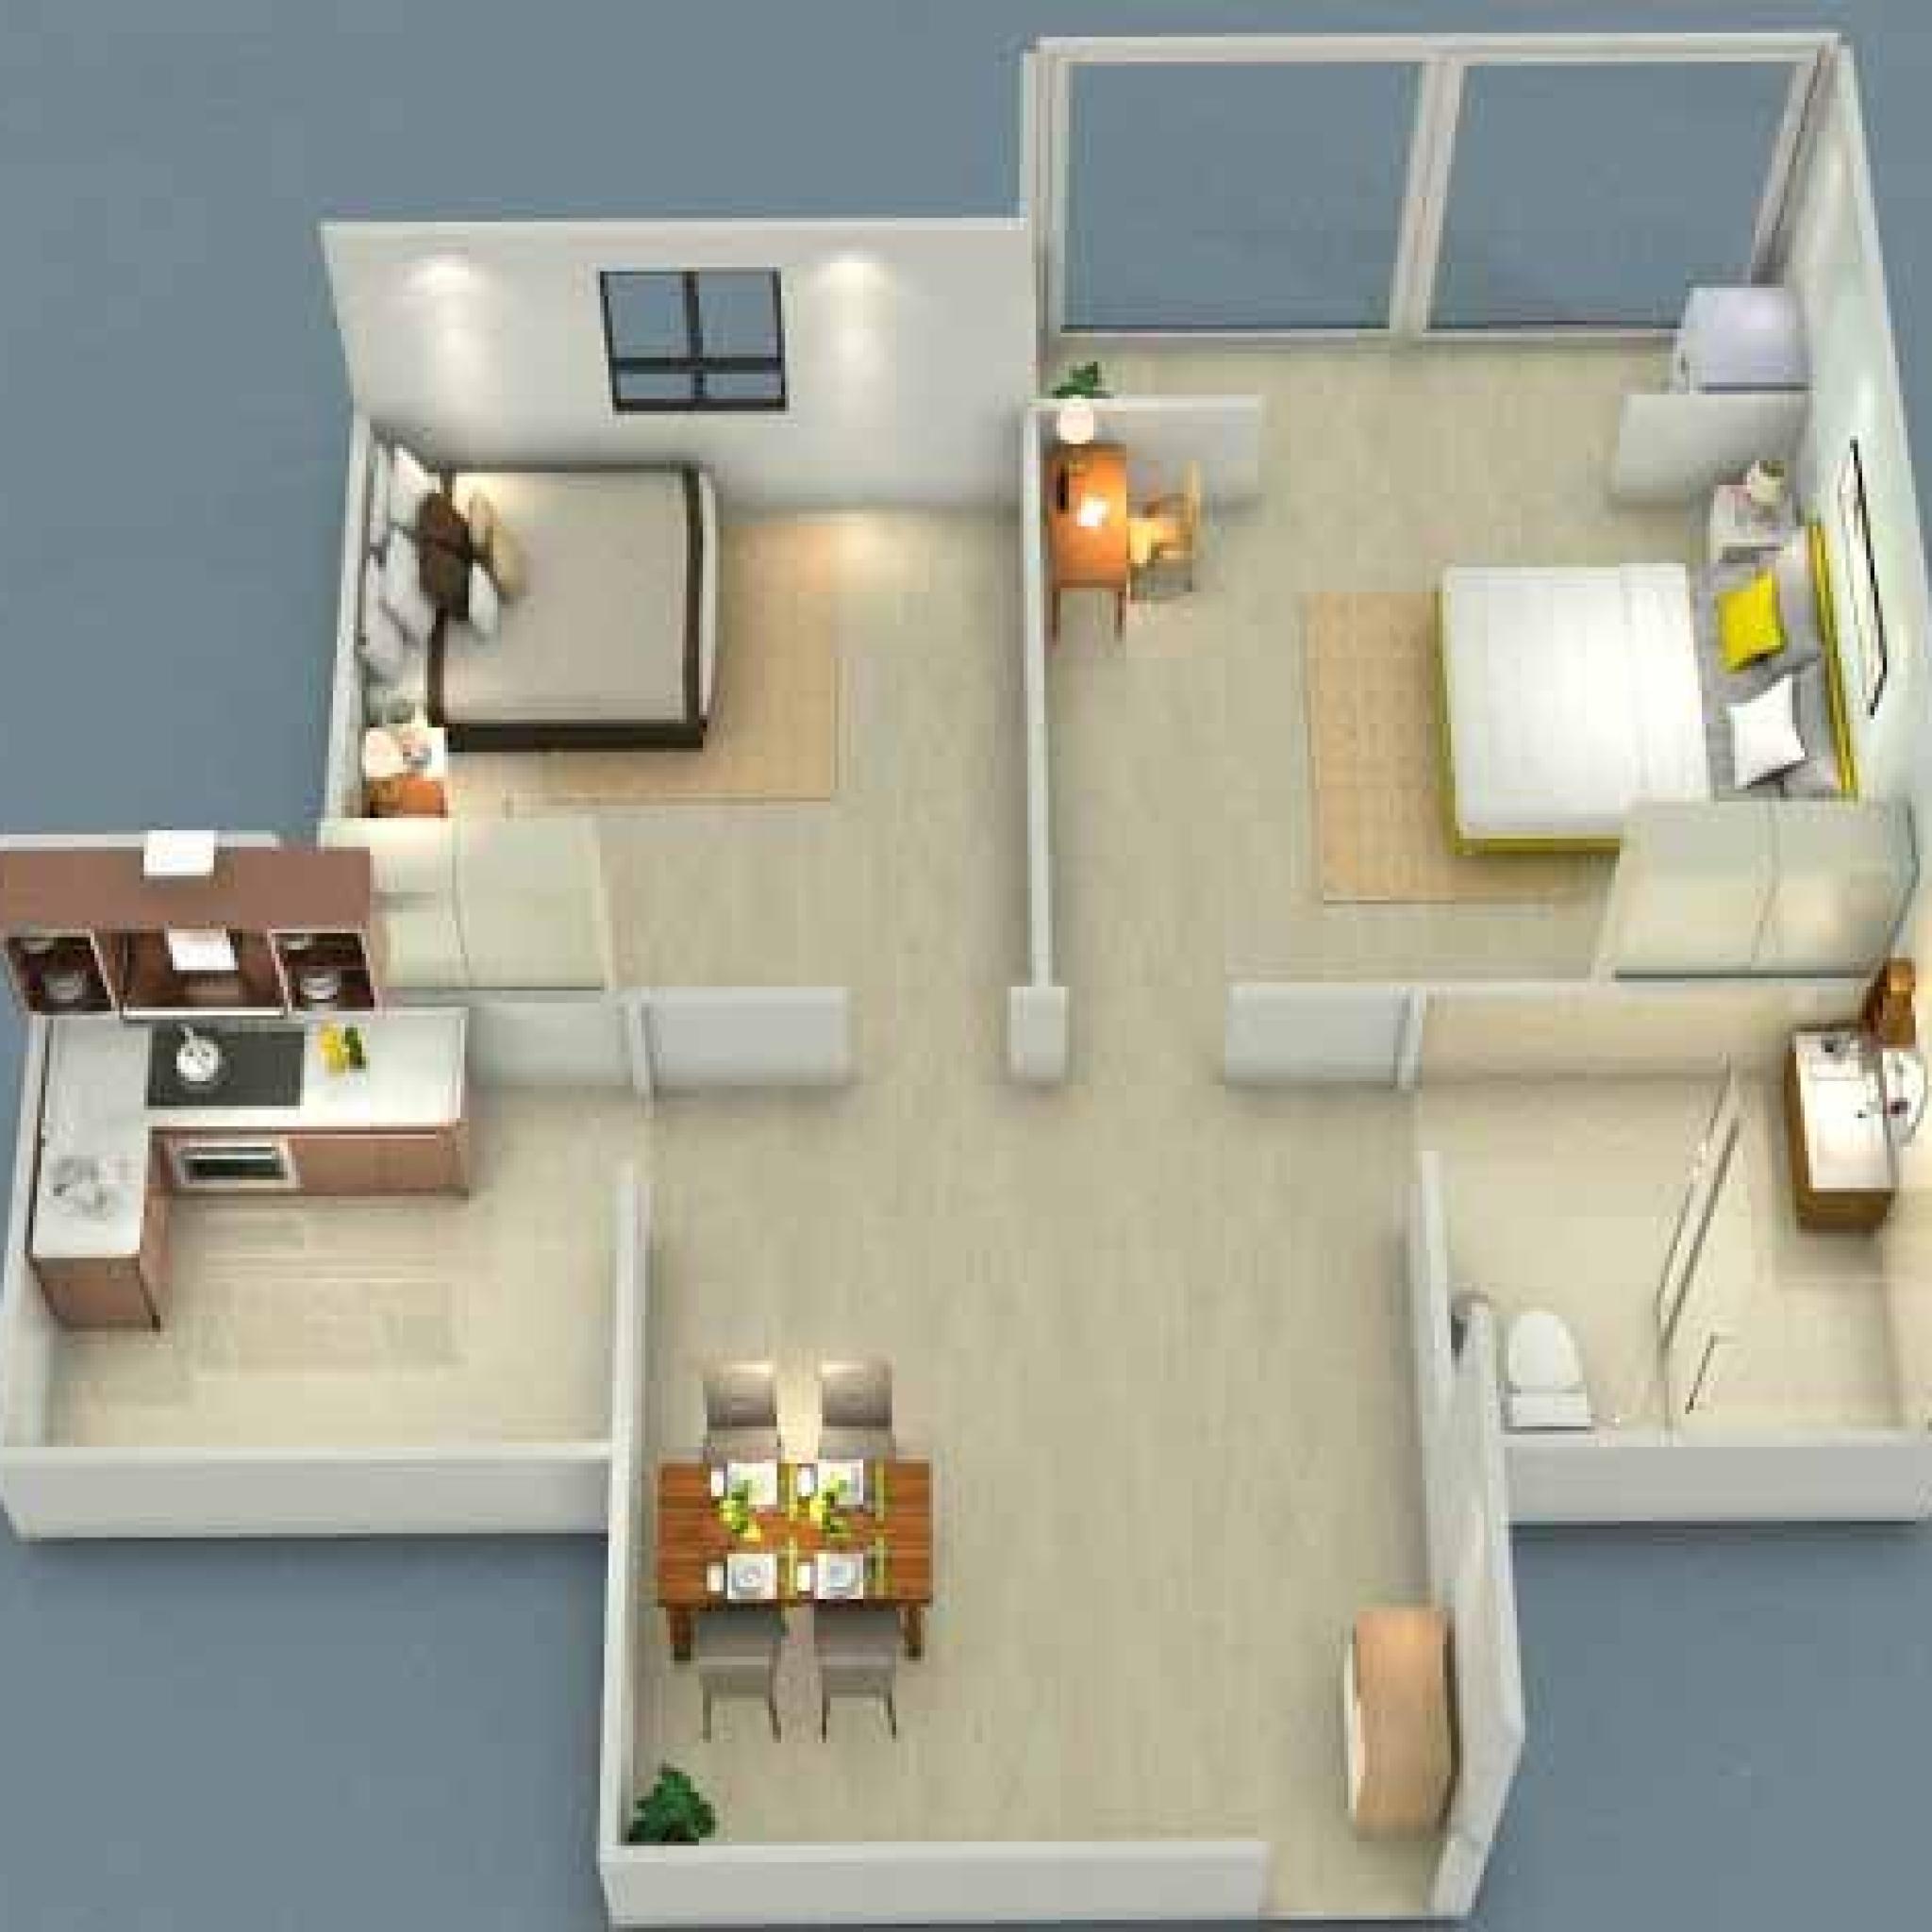 【合租】清荷南园2室1厅清荷南园精装次卧B